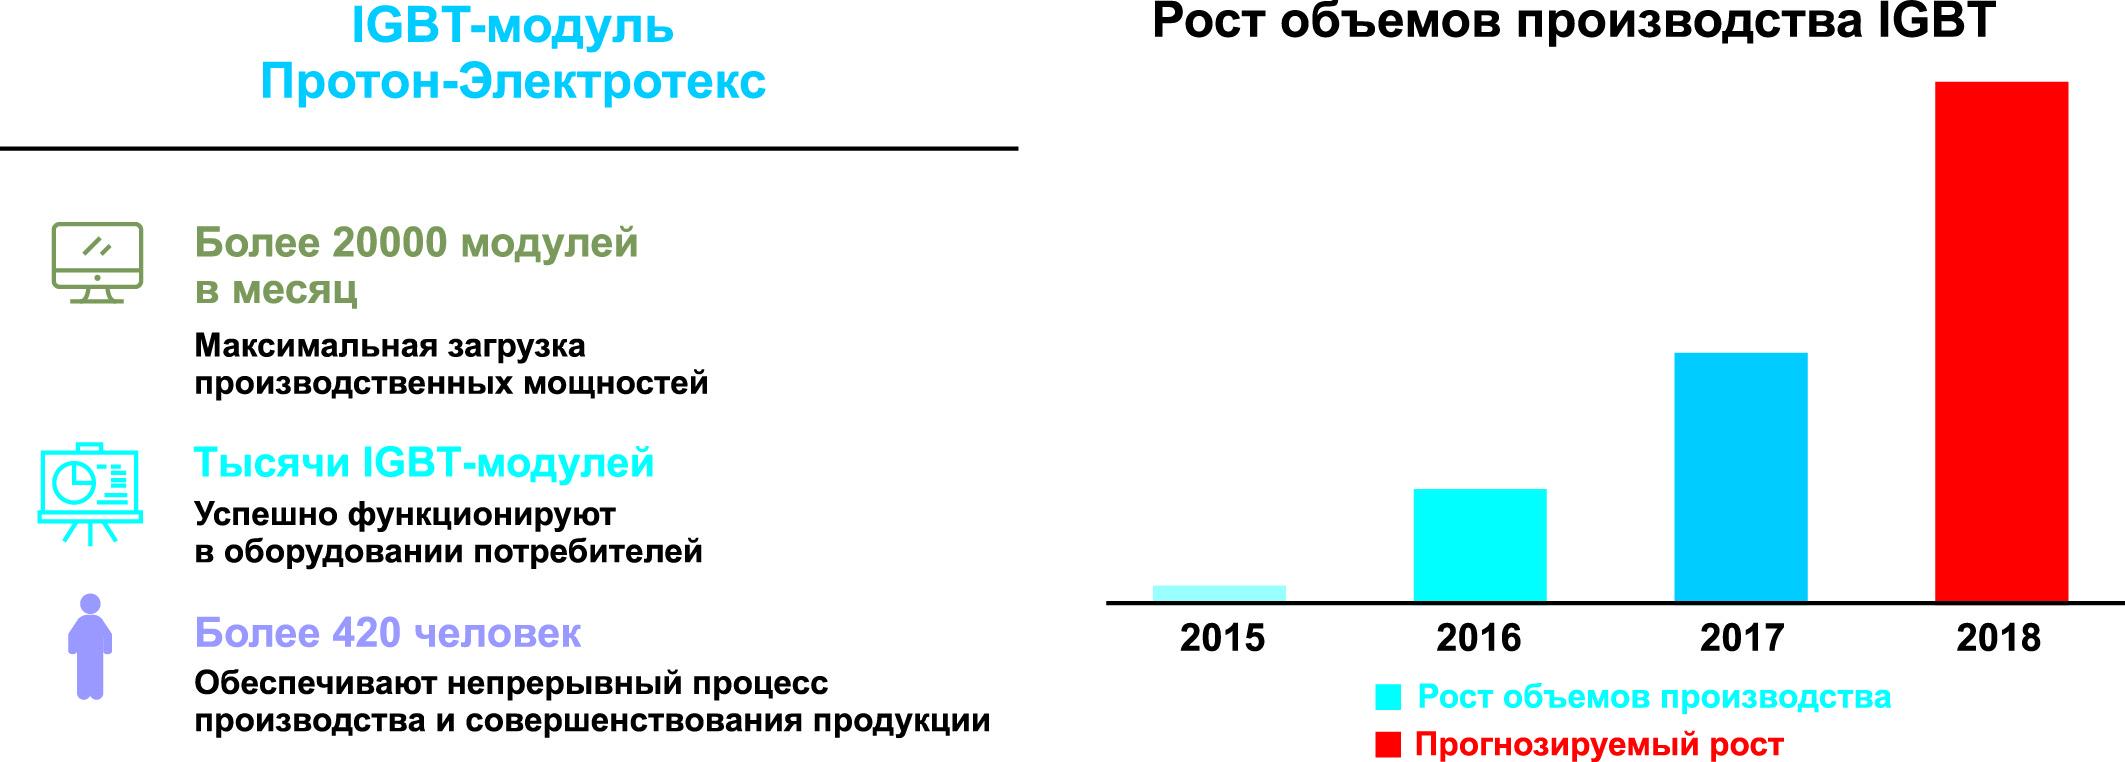 Производство IGBT-модулей «ПРОТОН–ЭЛЕКТРОТЕКС»